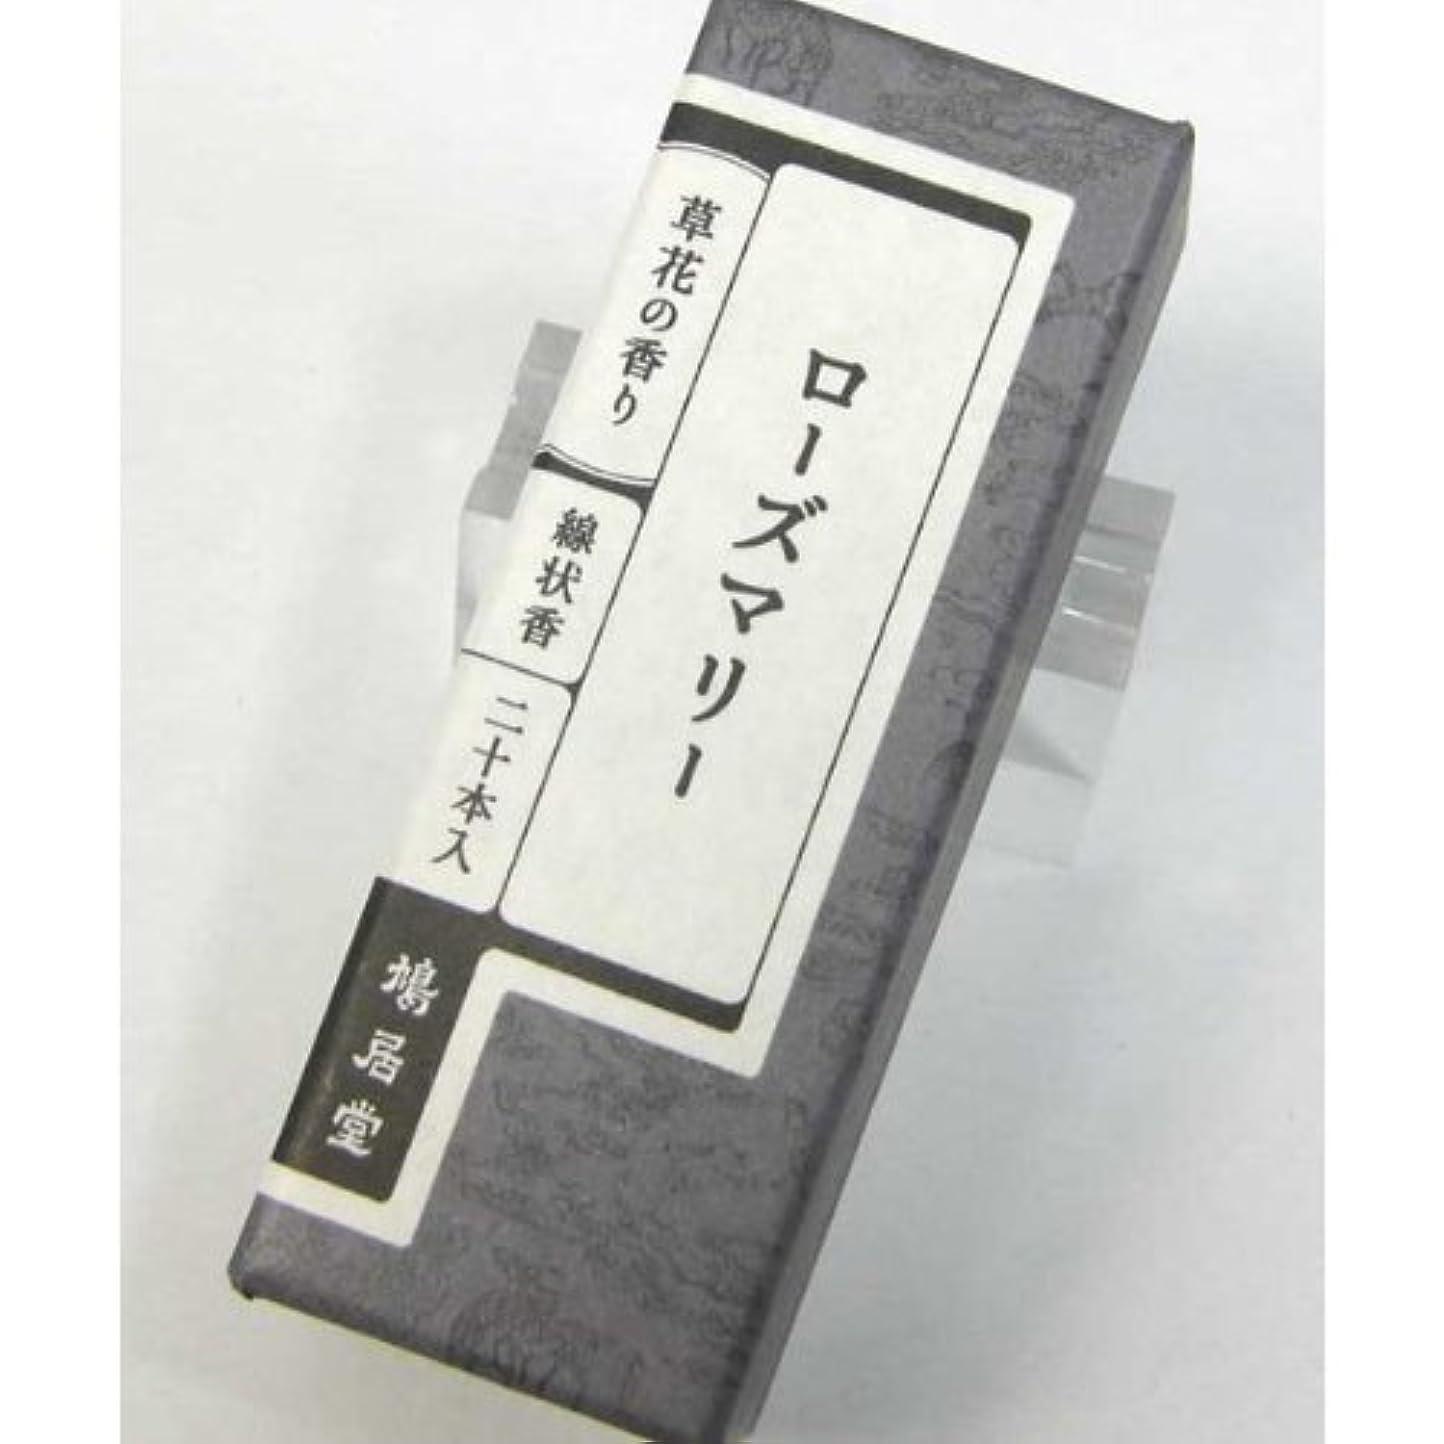 キャッシュ意図産地鳩居堂 お香 ローズマリー 草花の香りシリーズ スティックタイプ(棒状香)20本いり